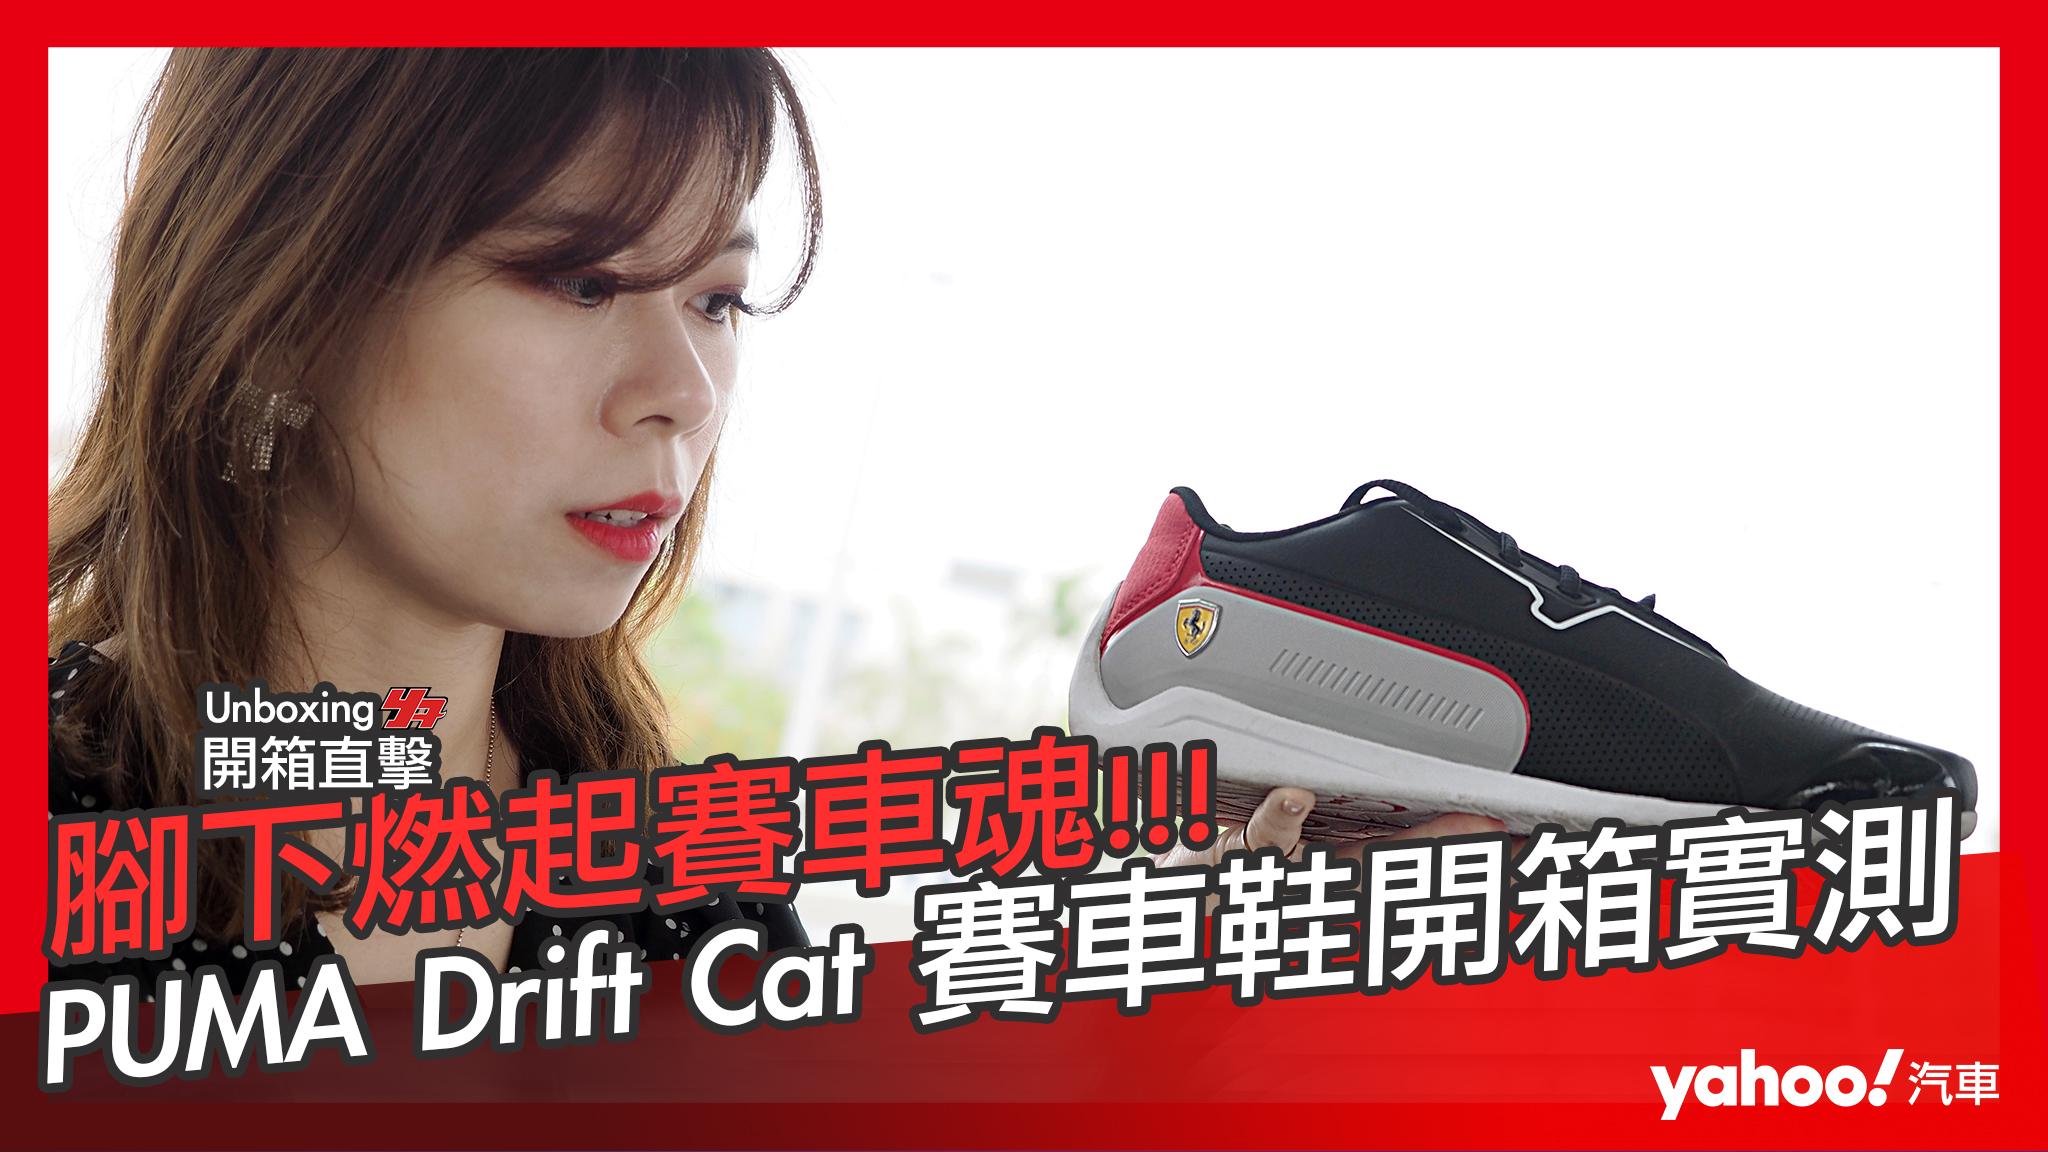 【開箱直擊】腳下燃起賽車魂!PUMA × Ferrari & BMW Drift Cat賽車鞋競速開箱!